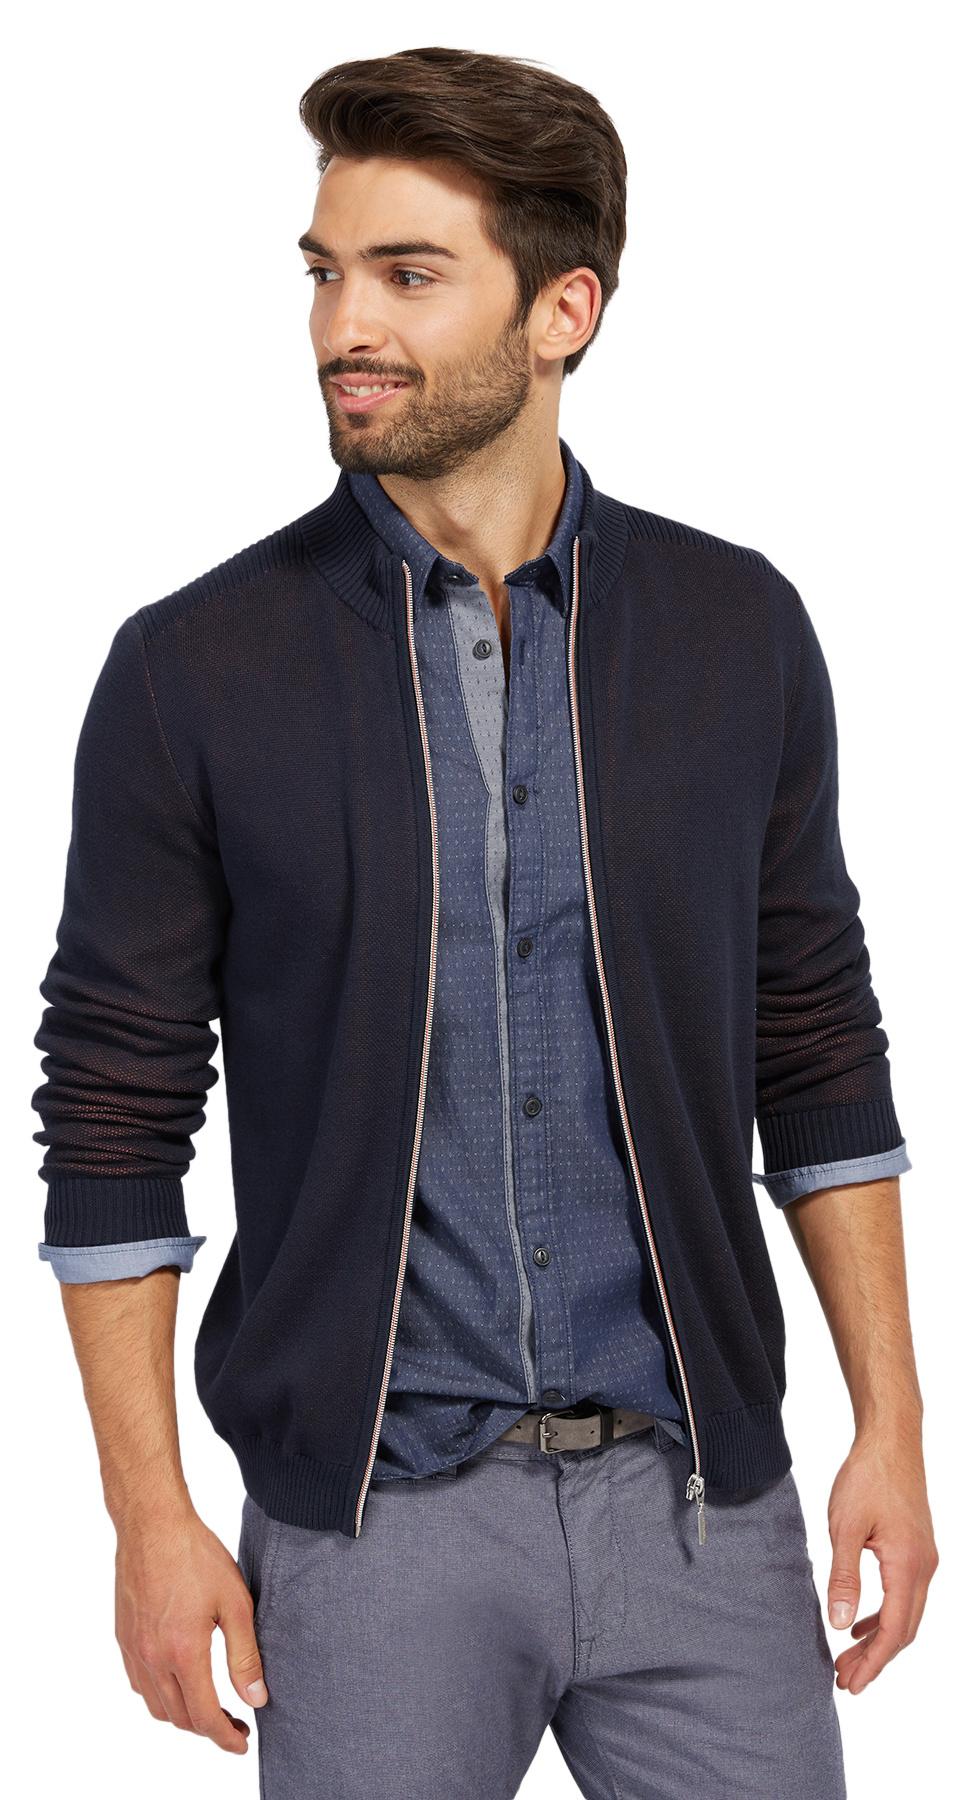 Tom Tailor svetr se zipem 30229690010/6800 Modrá XL